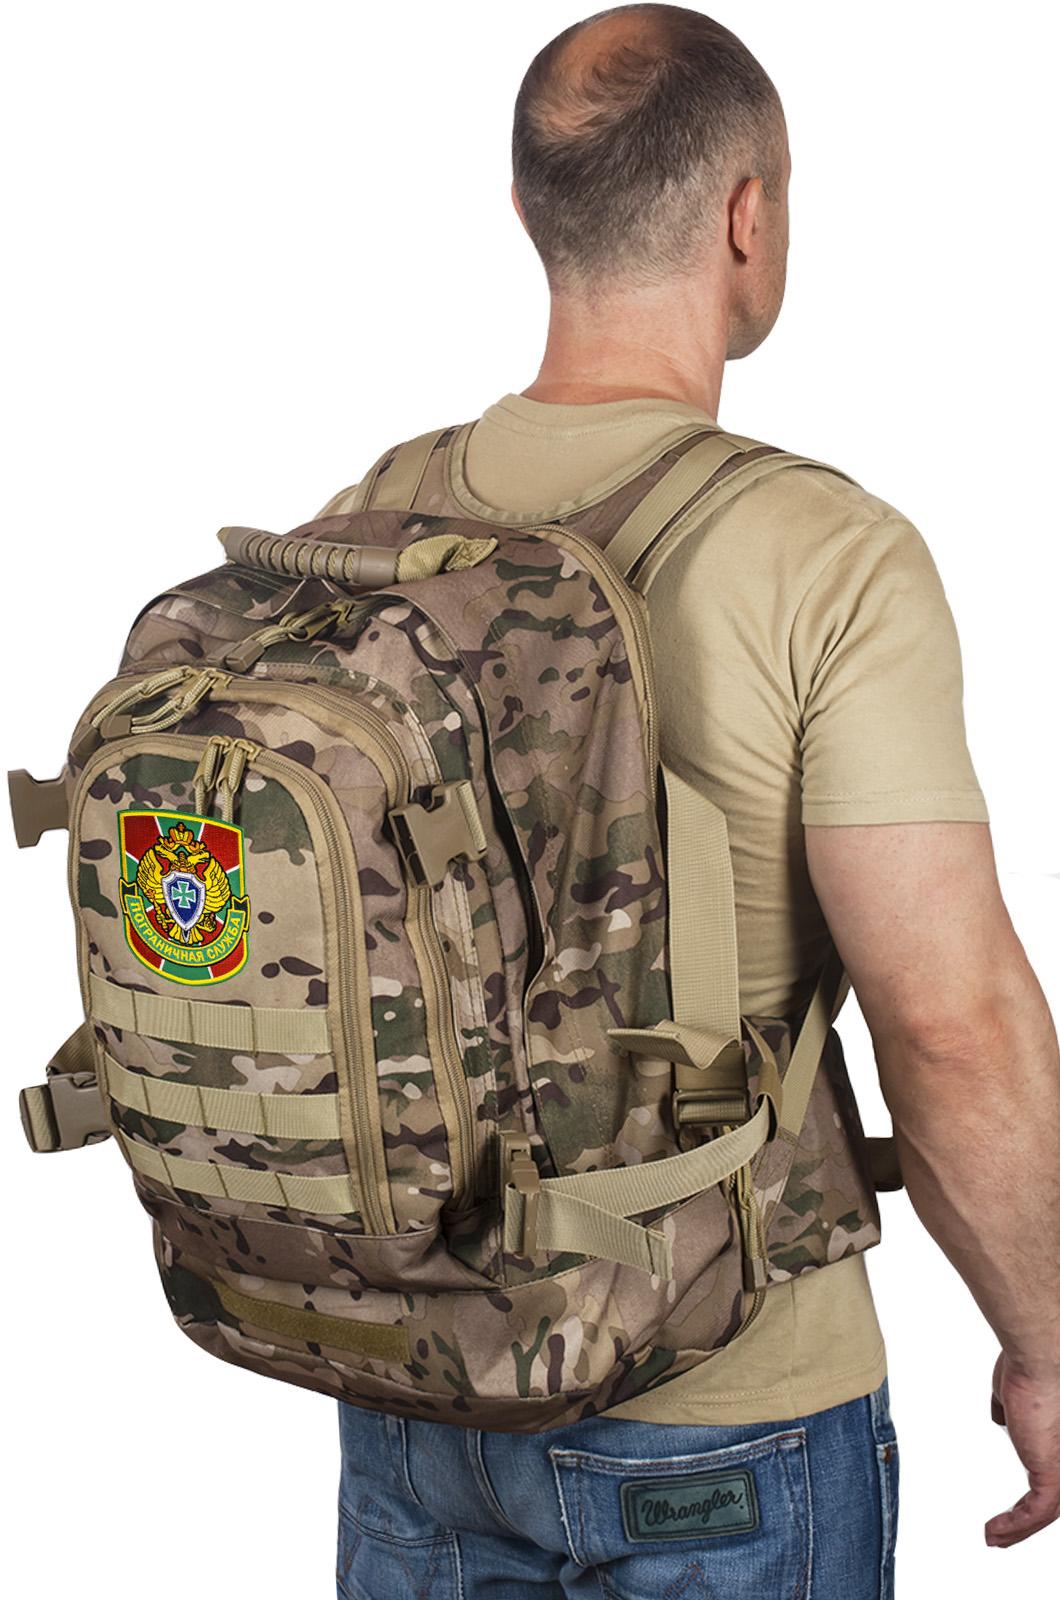 Тактический трехдневный рюкзак с нашивкой Пограничной службы - заказать с доставкой